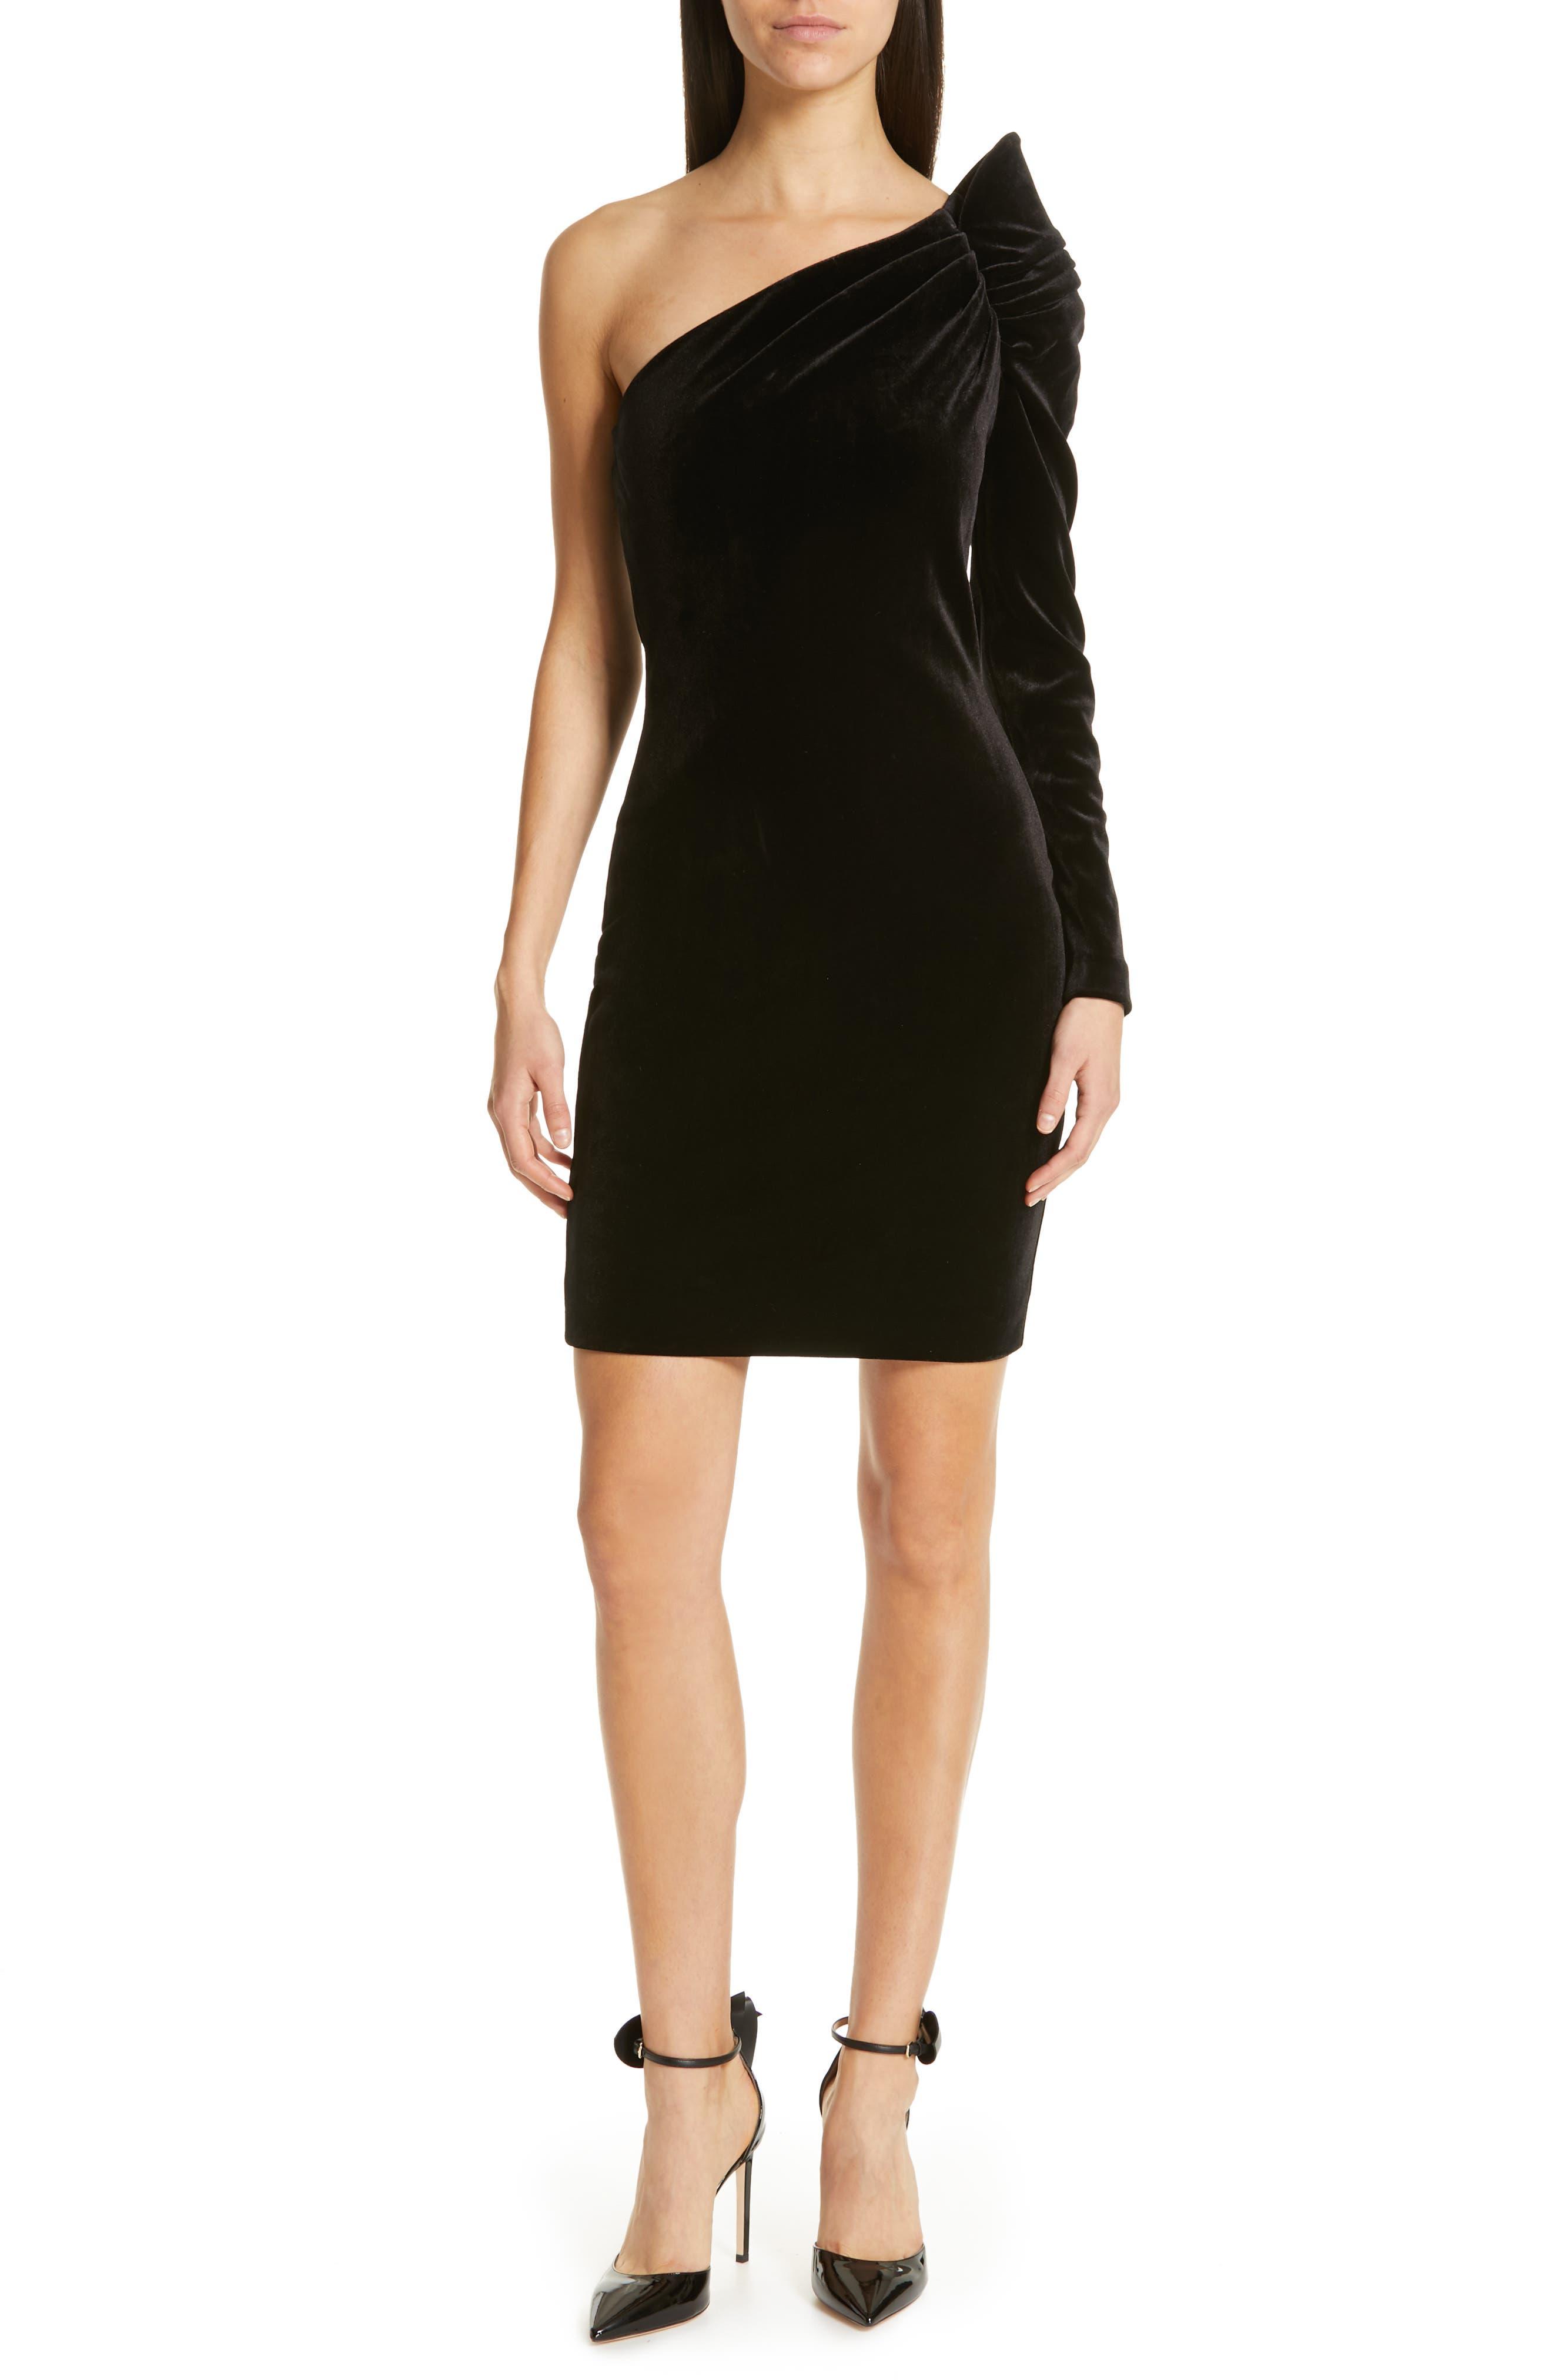 Awwtum One-Shoulder Velvet Body-Con Dress,                         Main,                         color, BLACK